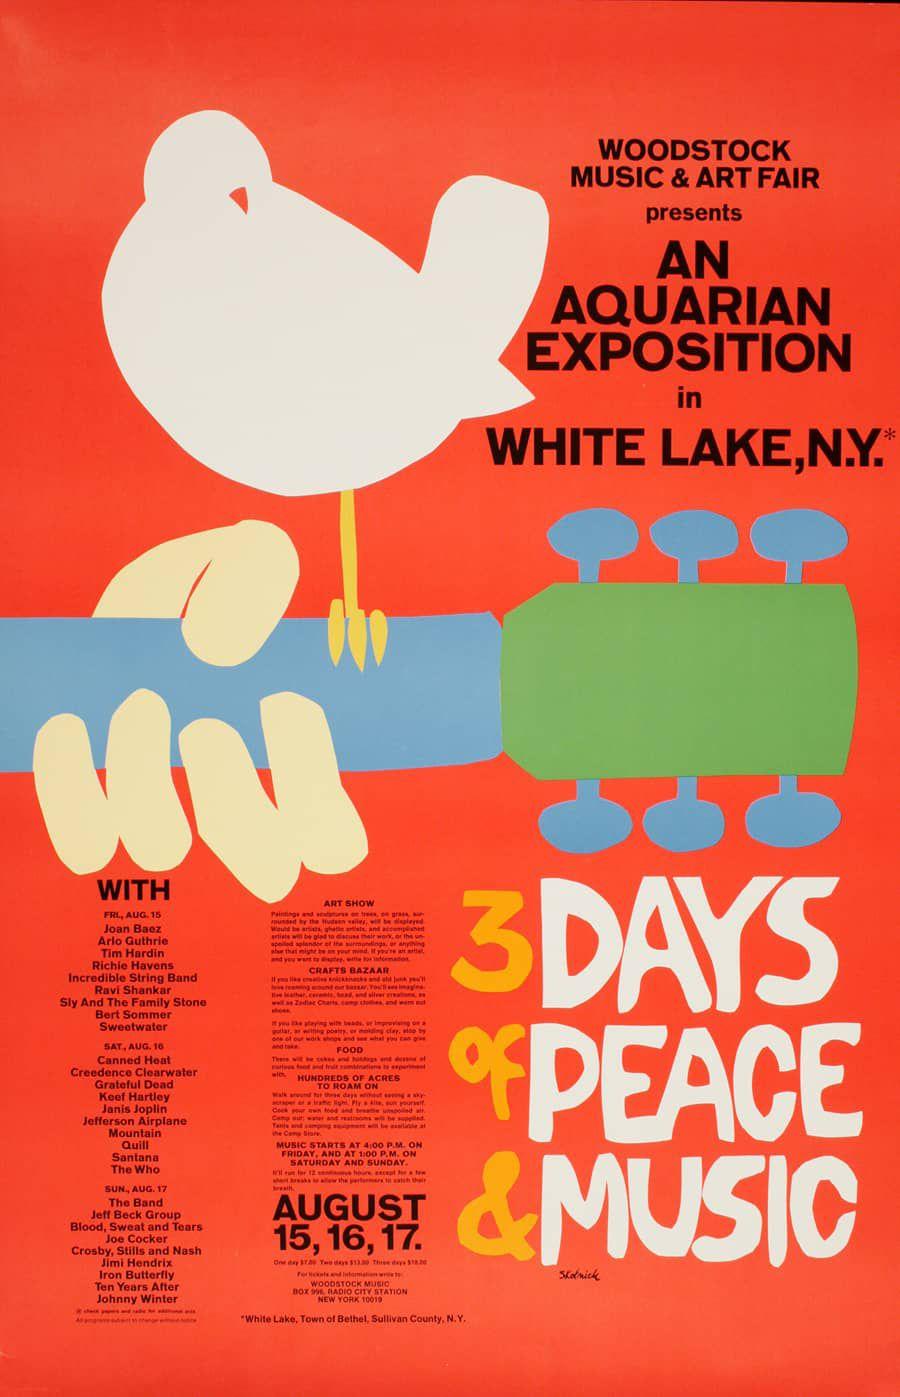 """La imagen ya es icónica. El brazo de una guitarra, un pájaro posado sobre ella, los colores vivos, el anuncio de los """"3 días de Paz y Música"""" ocupando gran parte del espacio, los artistas en letra muy pequeña"""